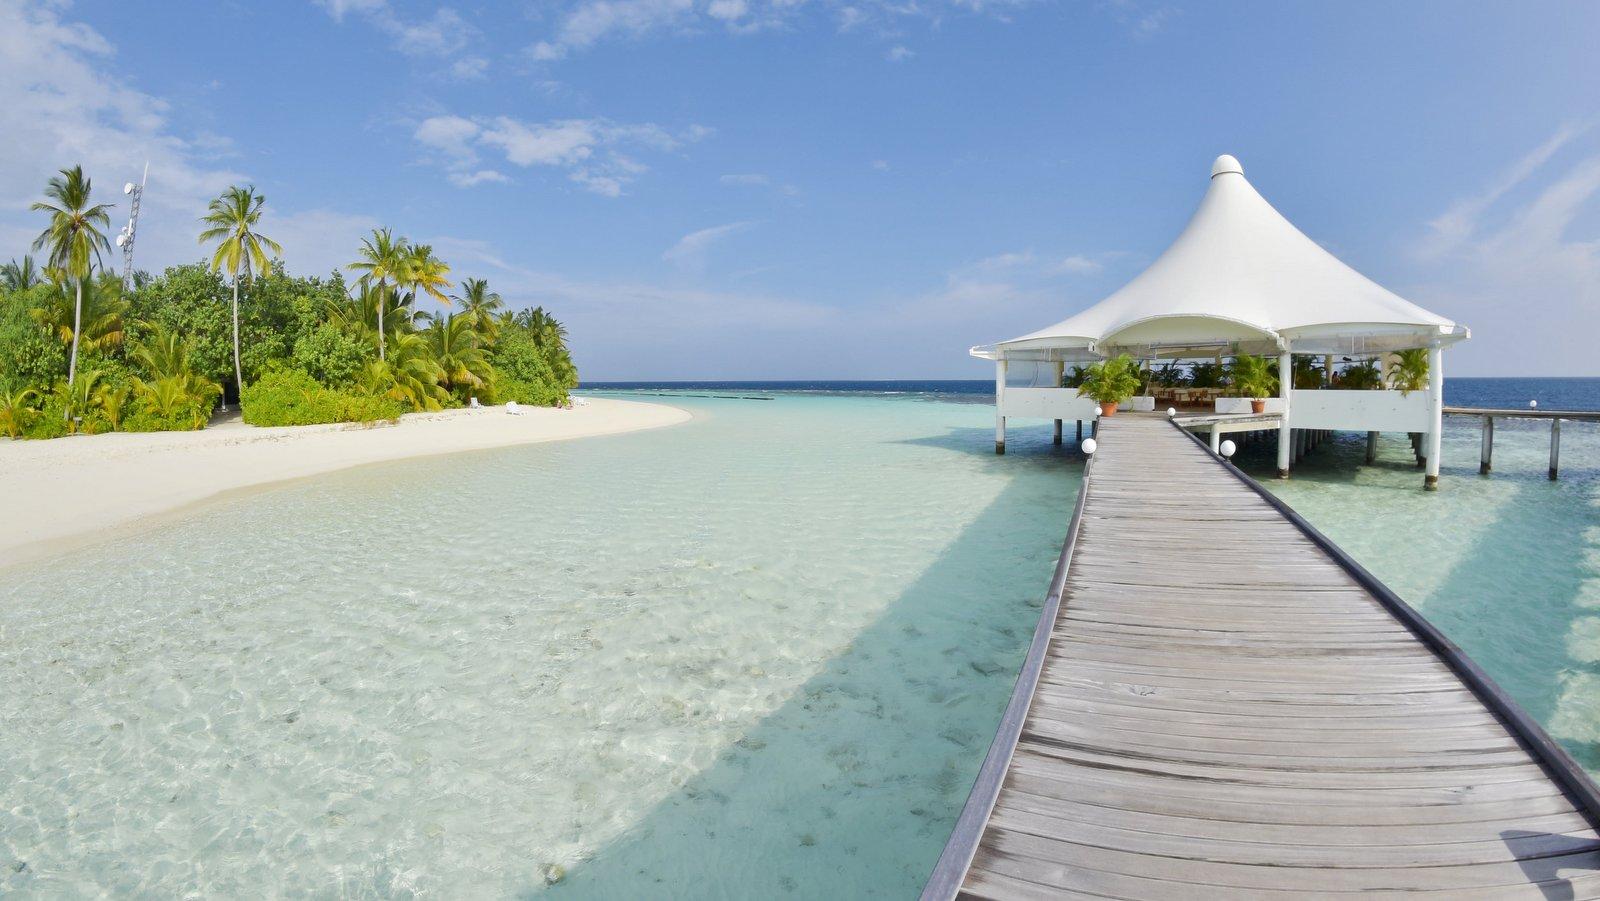 Мальдивы, отель Safari Island Resort & Spa, основной бар